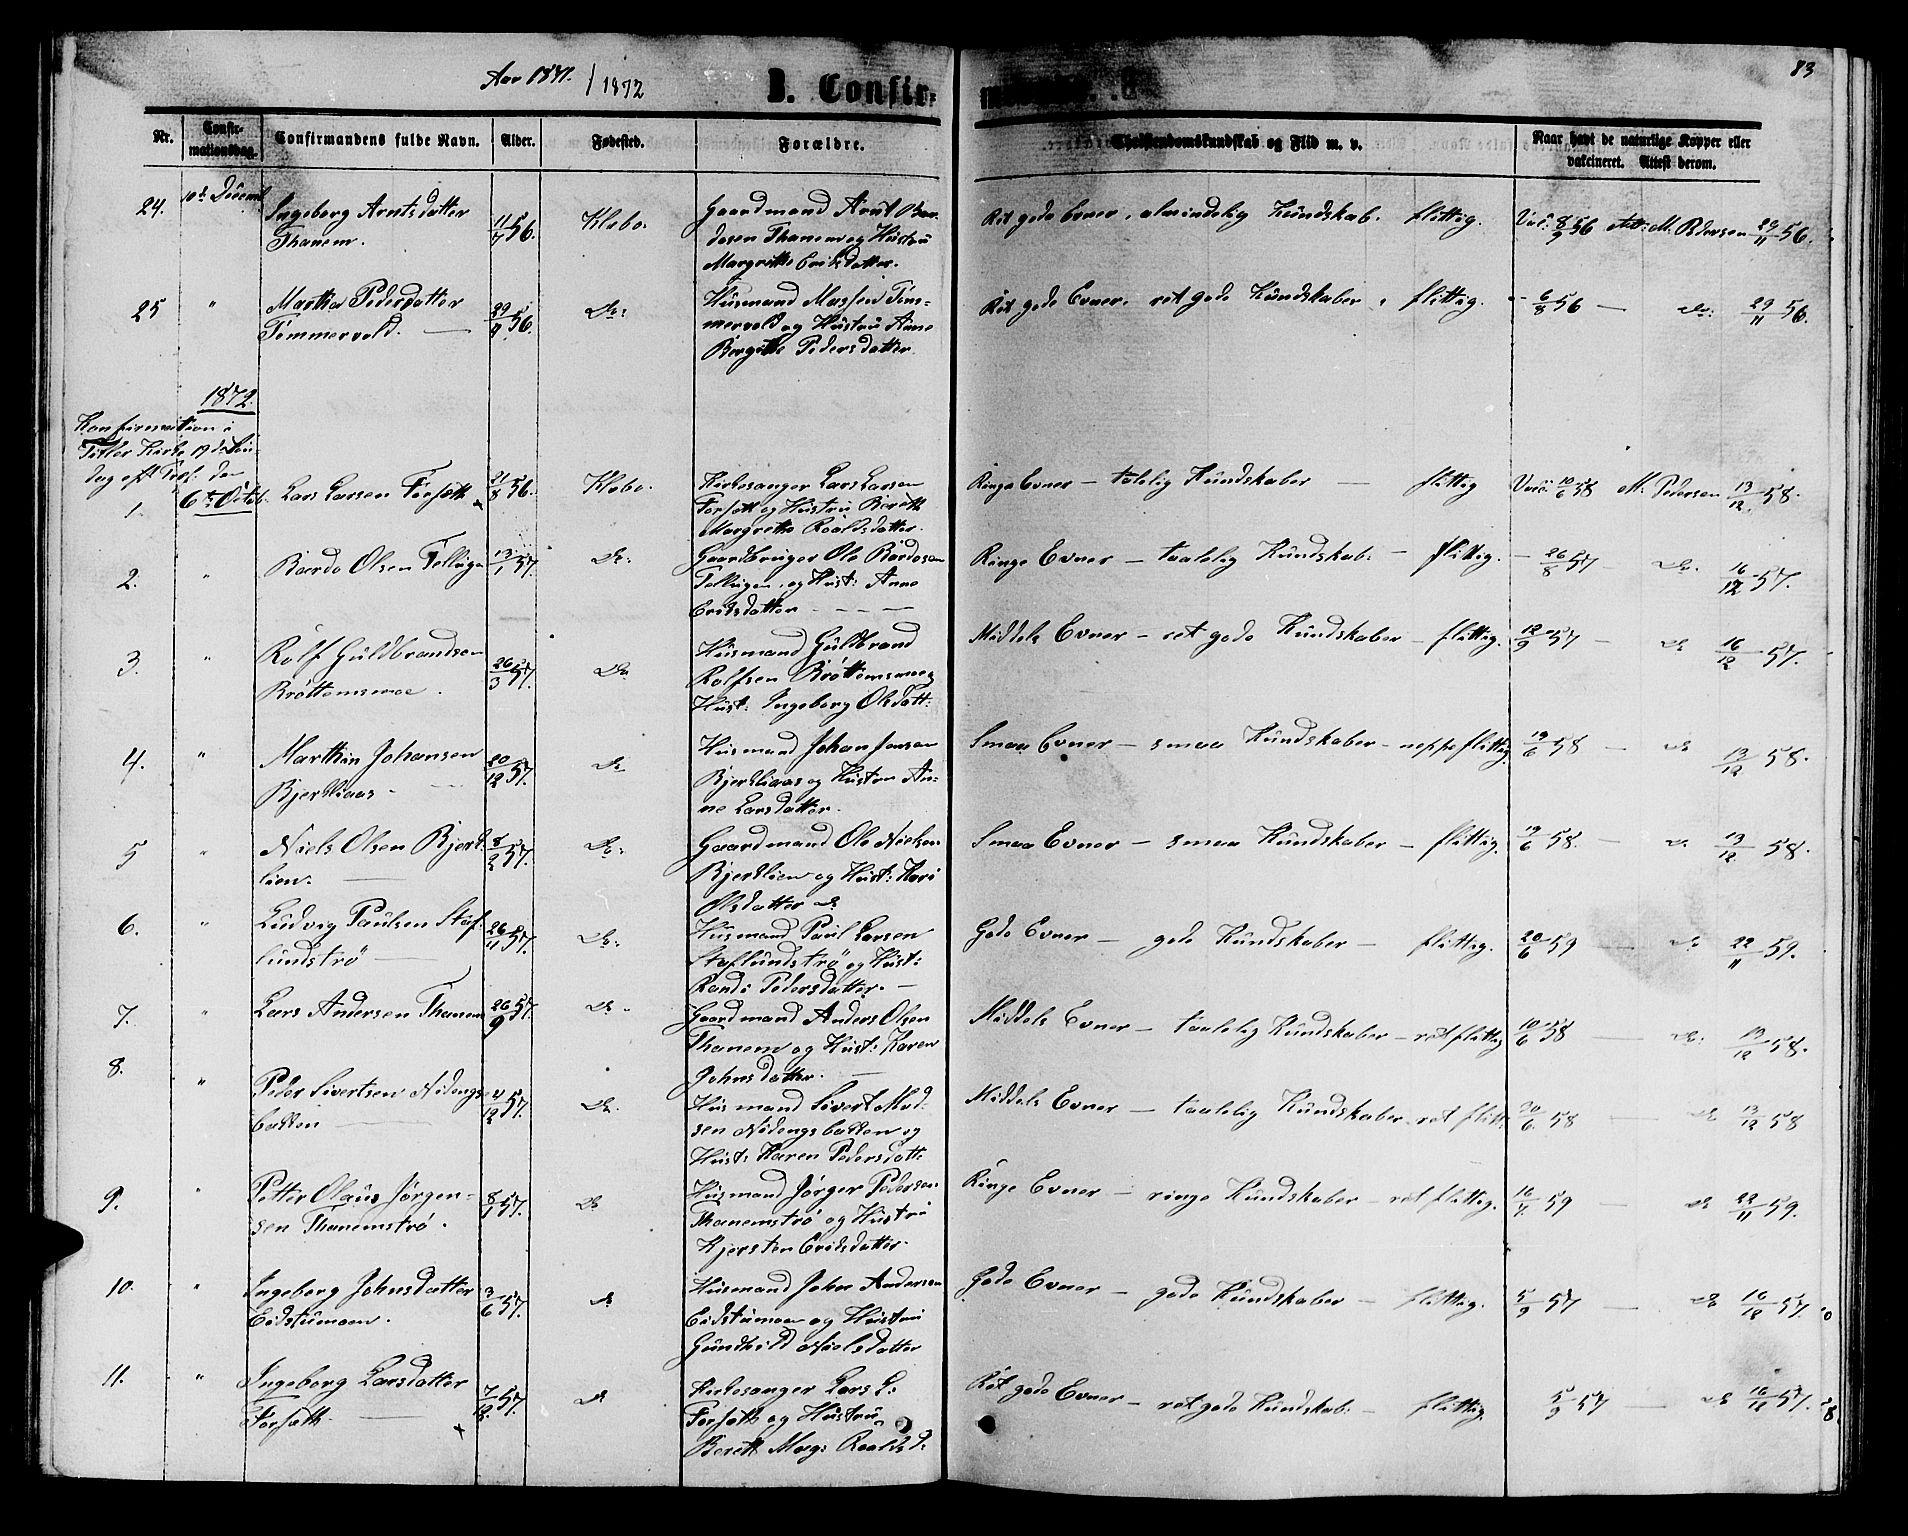 SAT, Ministerialprotokoller, klokkerbøker og fødselsregistre - Sør-Trøndelag, 618/L0451: Klokkerbok nr. 618C02, 1865-1883, s. 83